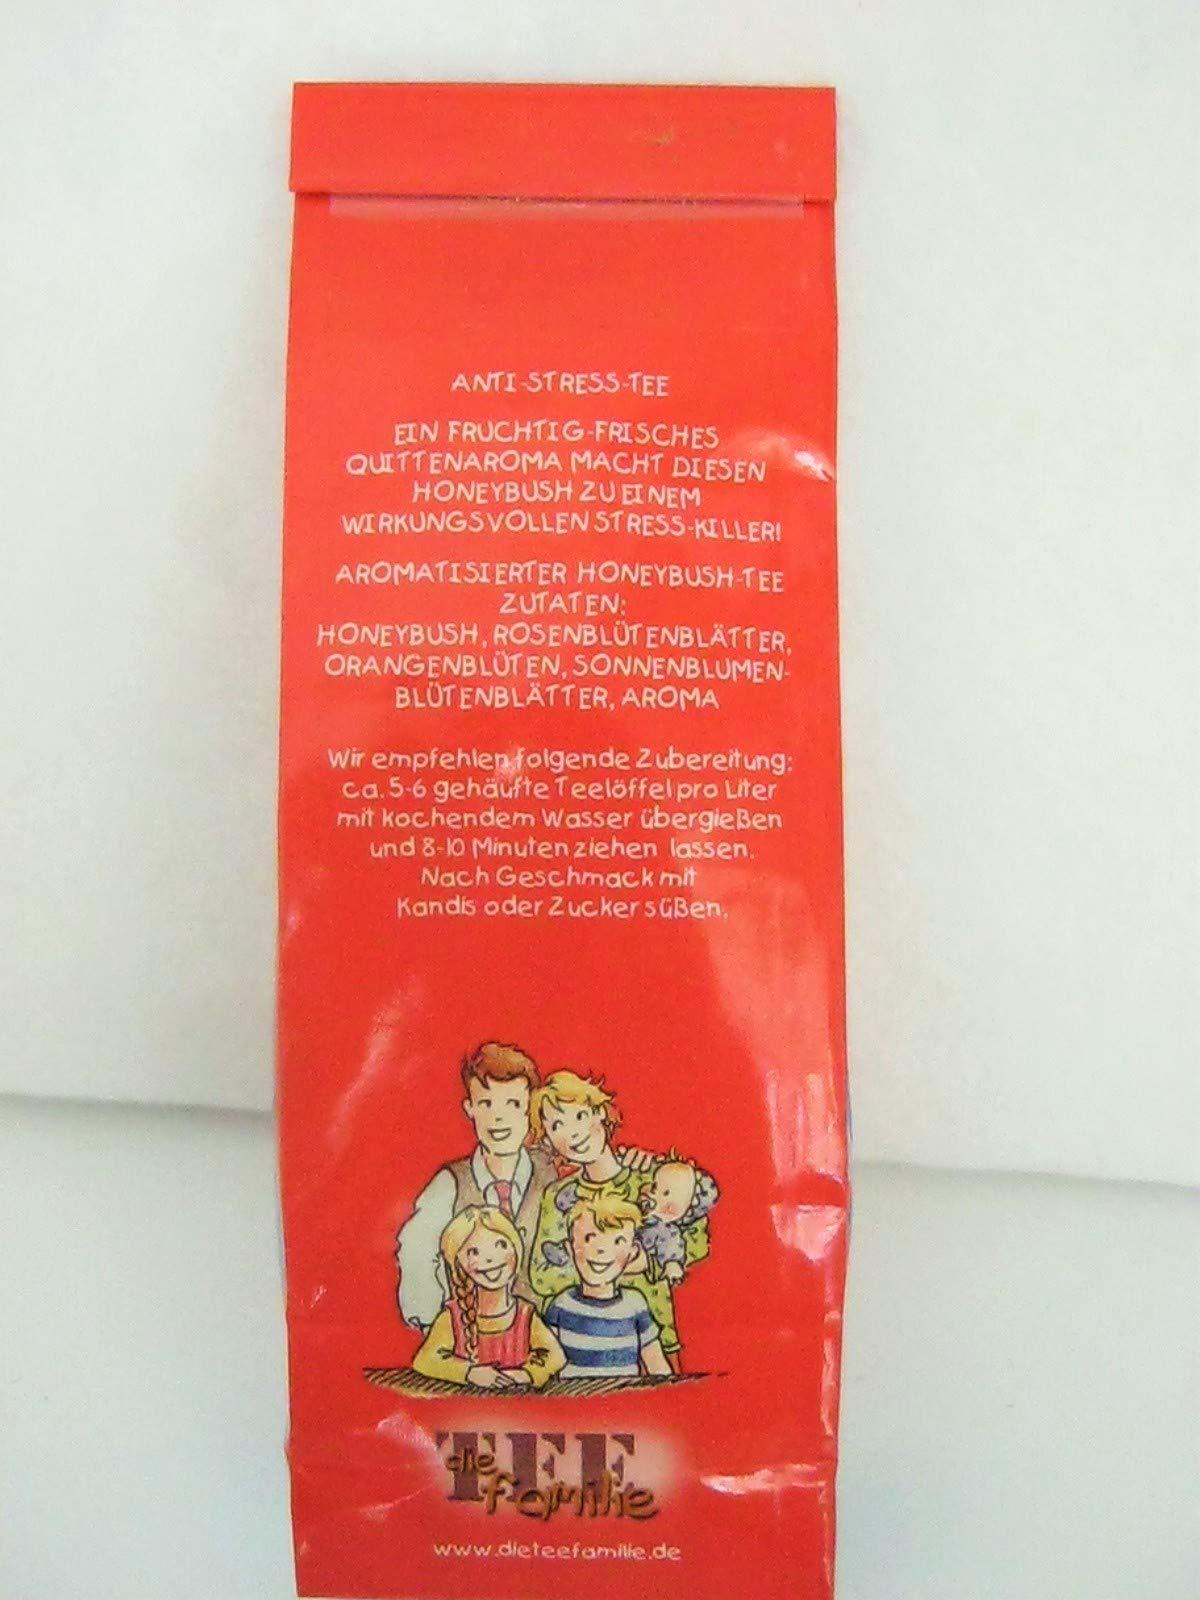 vonottenfeldgbr-arom-Honeybuschtee-lose-Antistress-Tee-100g-MHD-ca-23-Monate